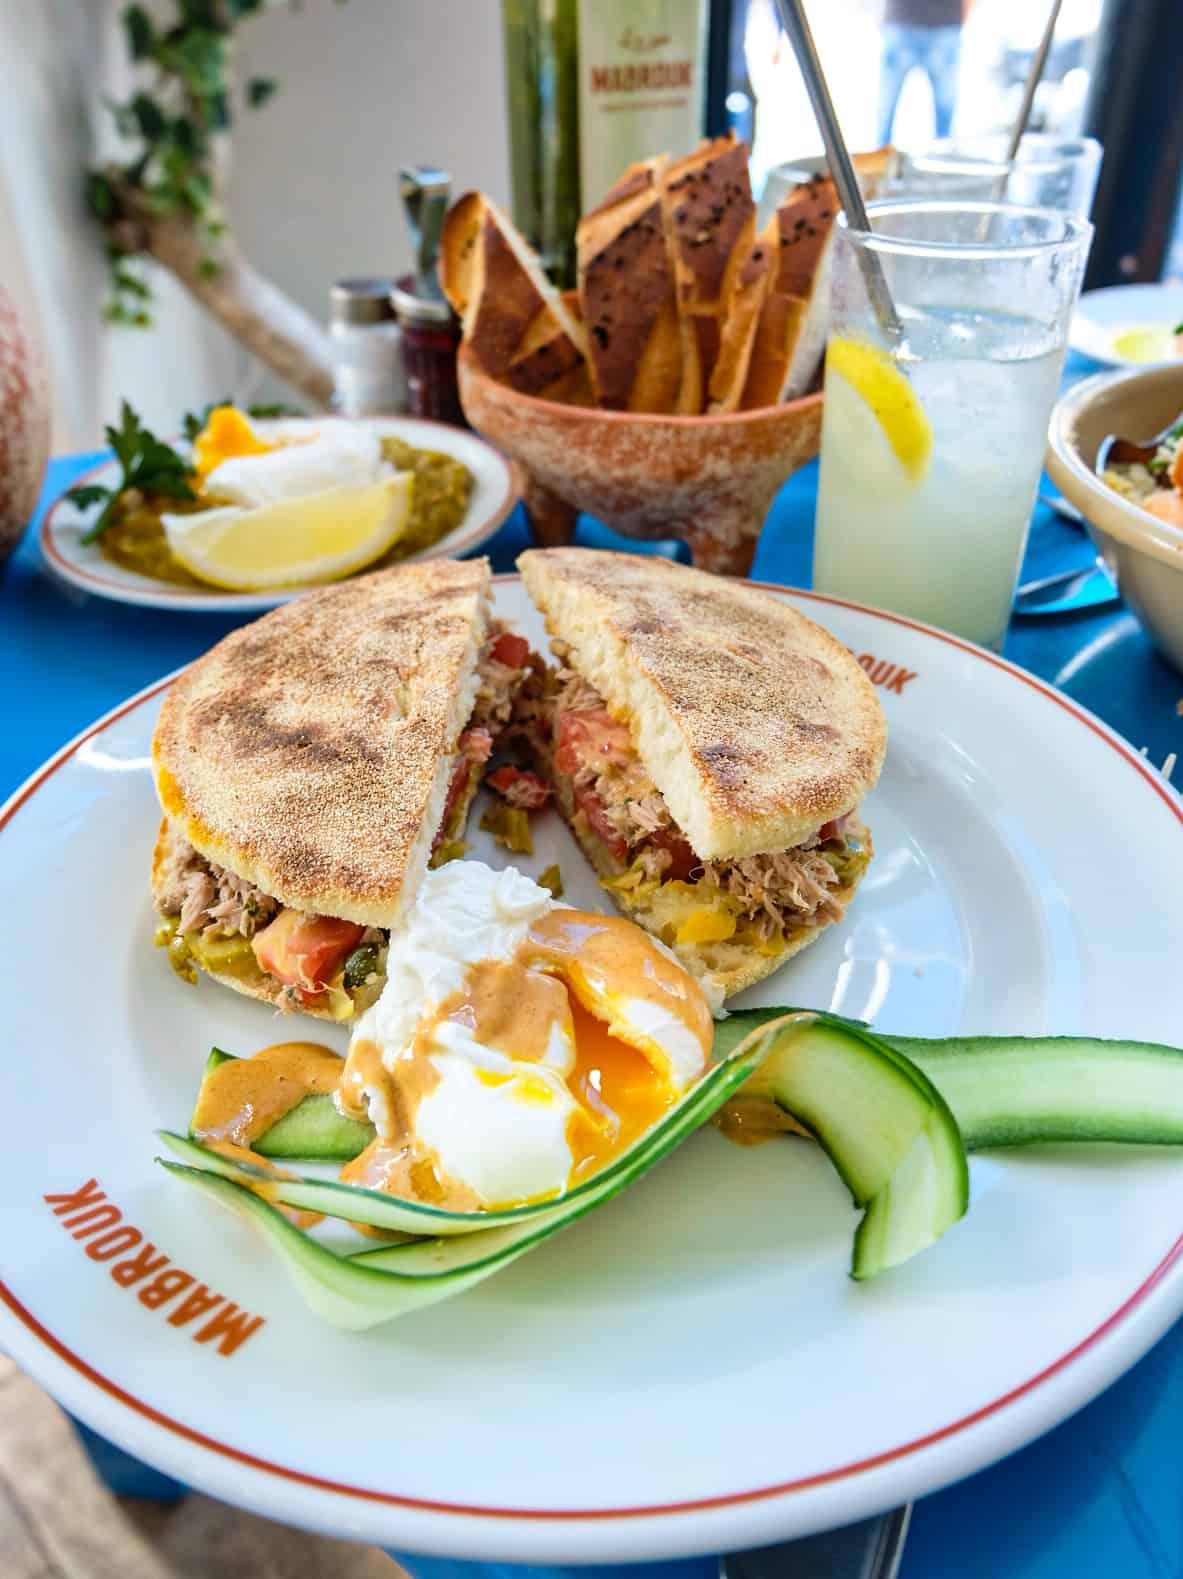 mabrouk-restaurant-tunisien-paris-3eme-couscous